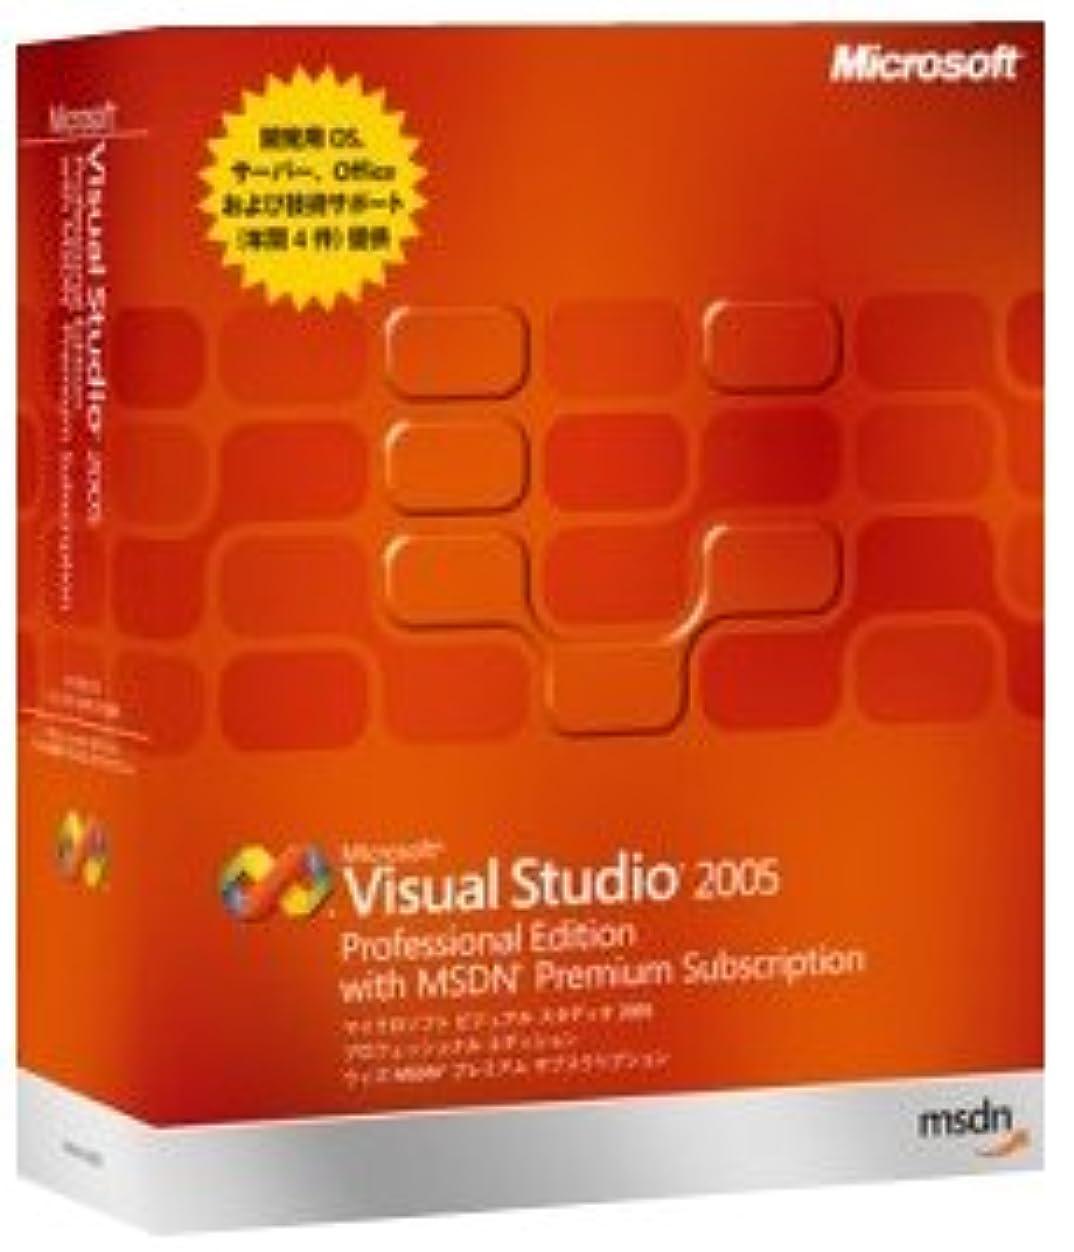 推進上院議員申し込むVisual Studio 2005 Professional Edition with MSDN Premium